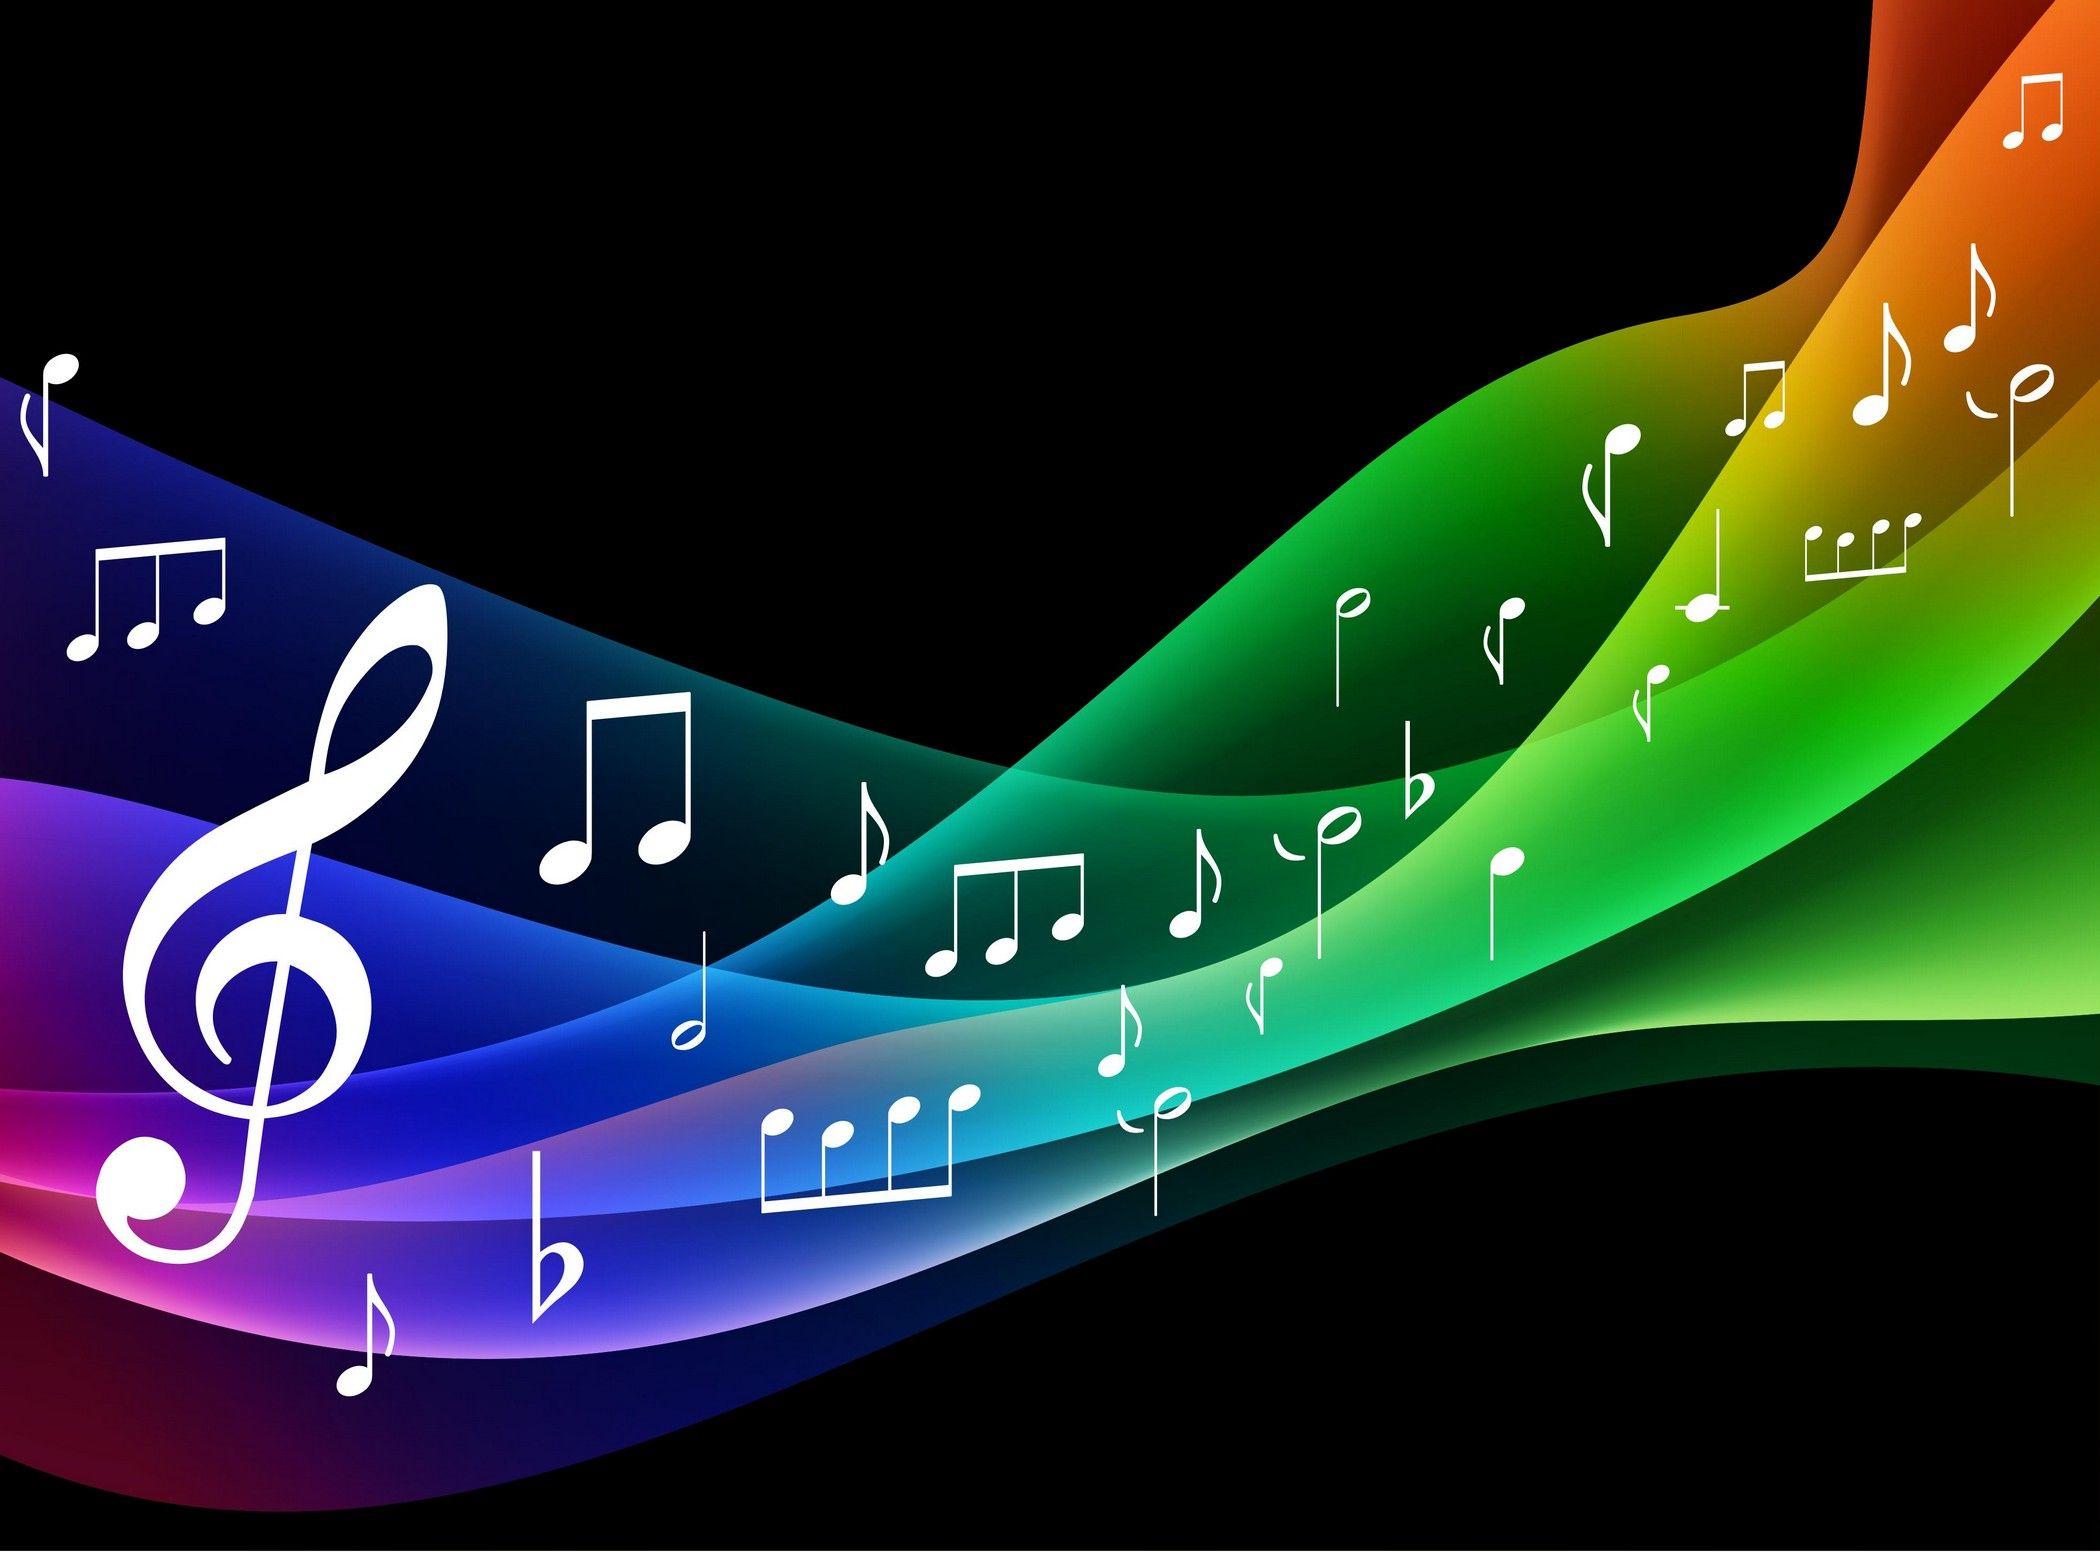 background màn hình led âm nhạc full color